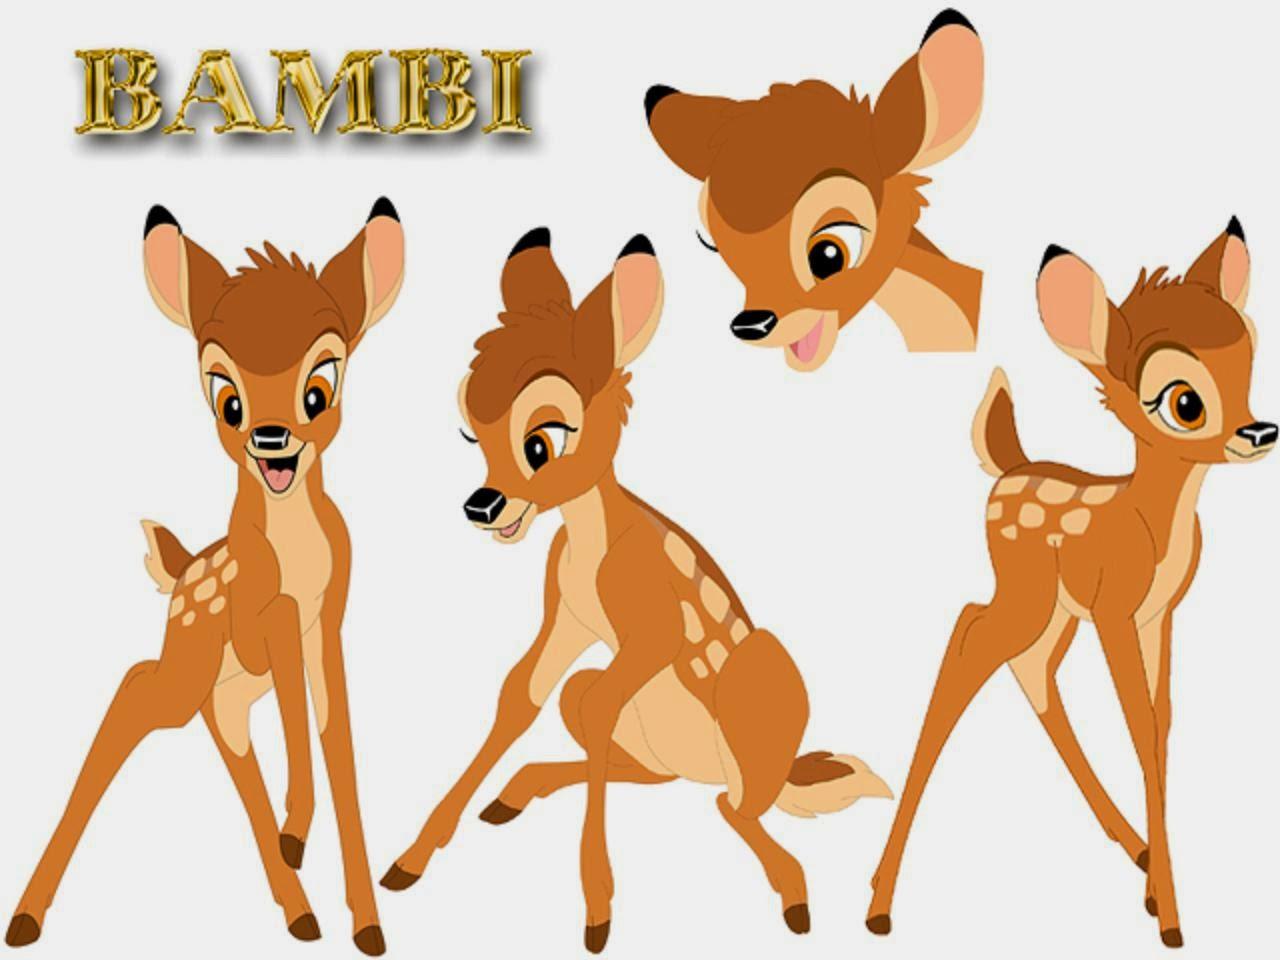 Desenhos Para Colorir E Imprimir Desenhos Do Bambi Para Colorir E